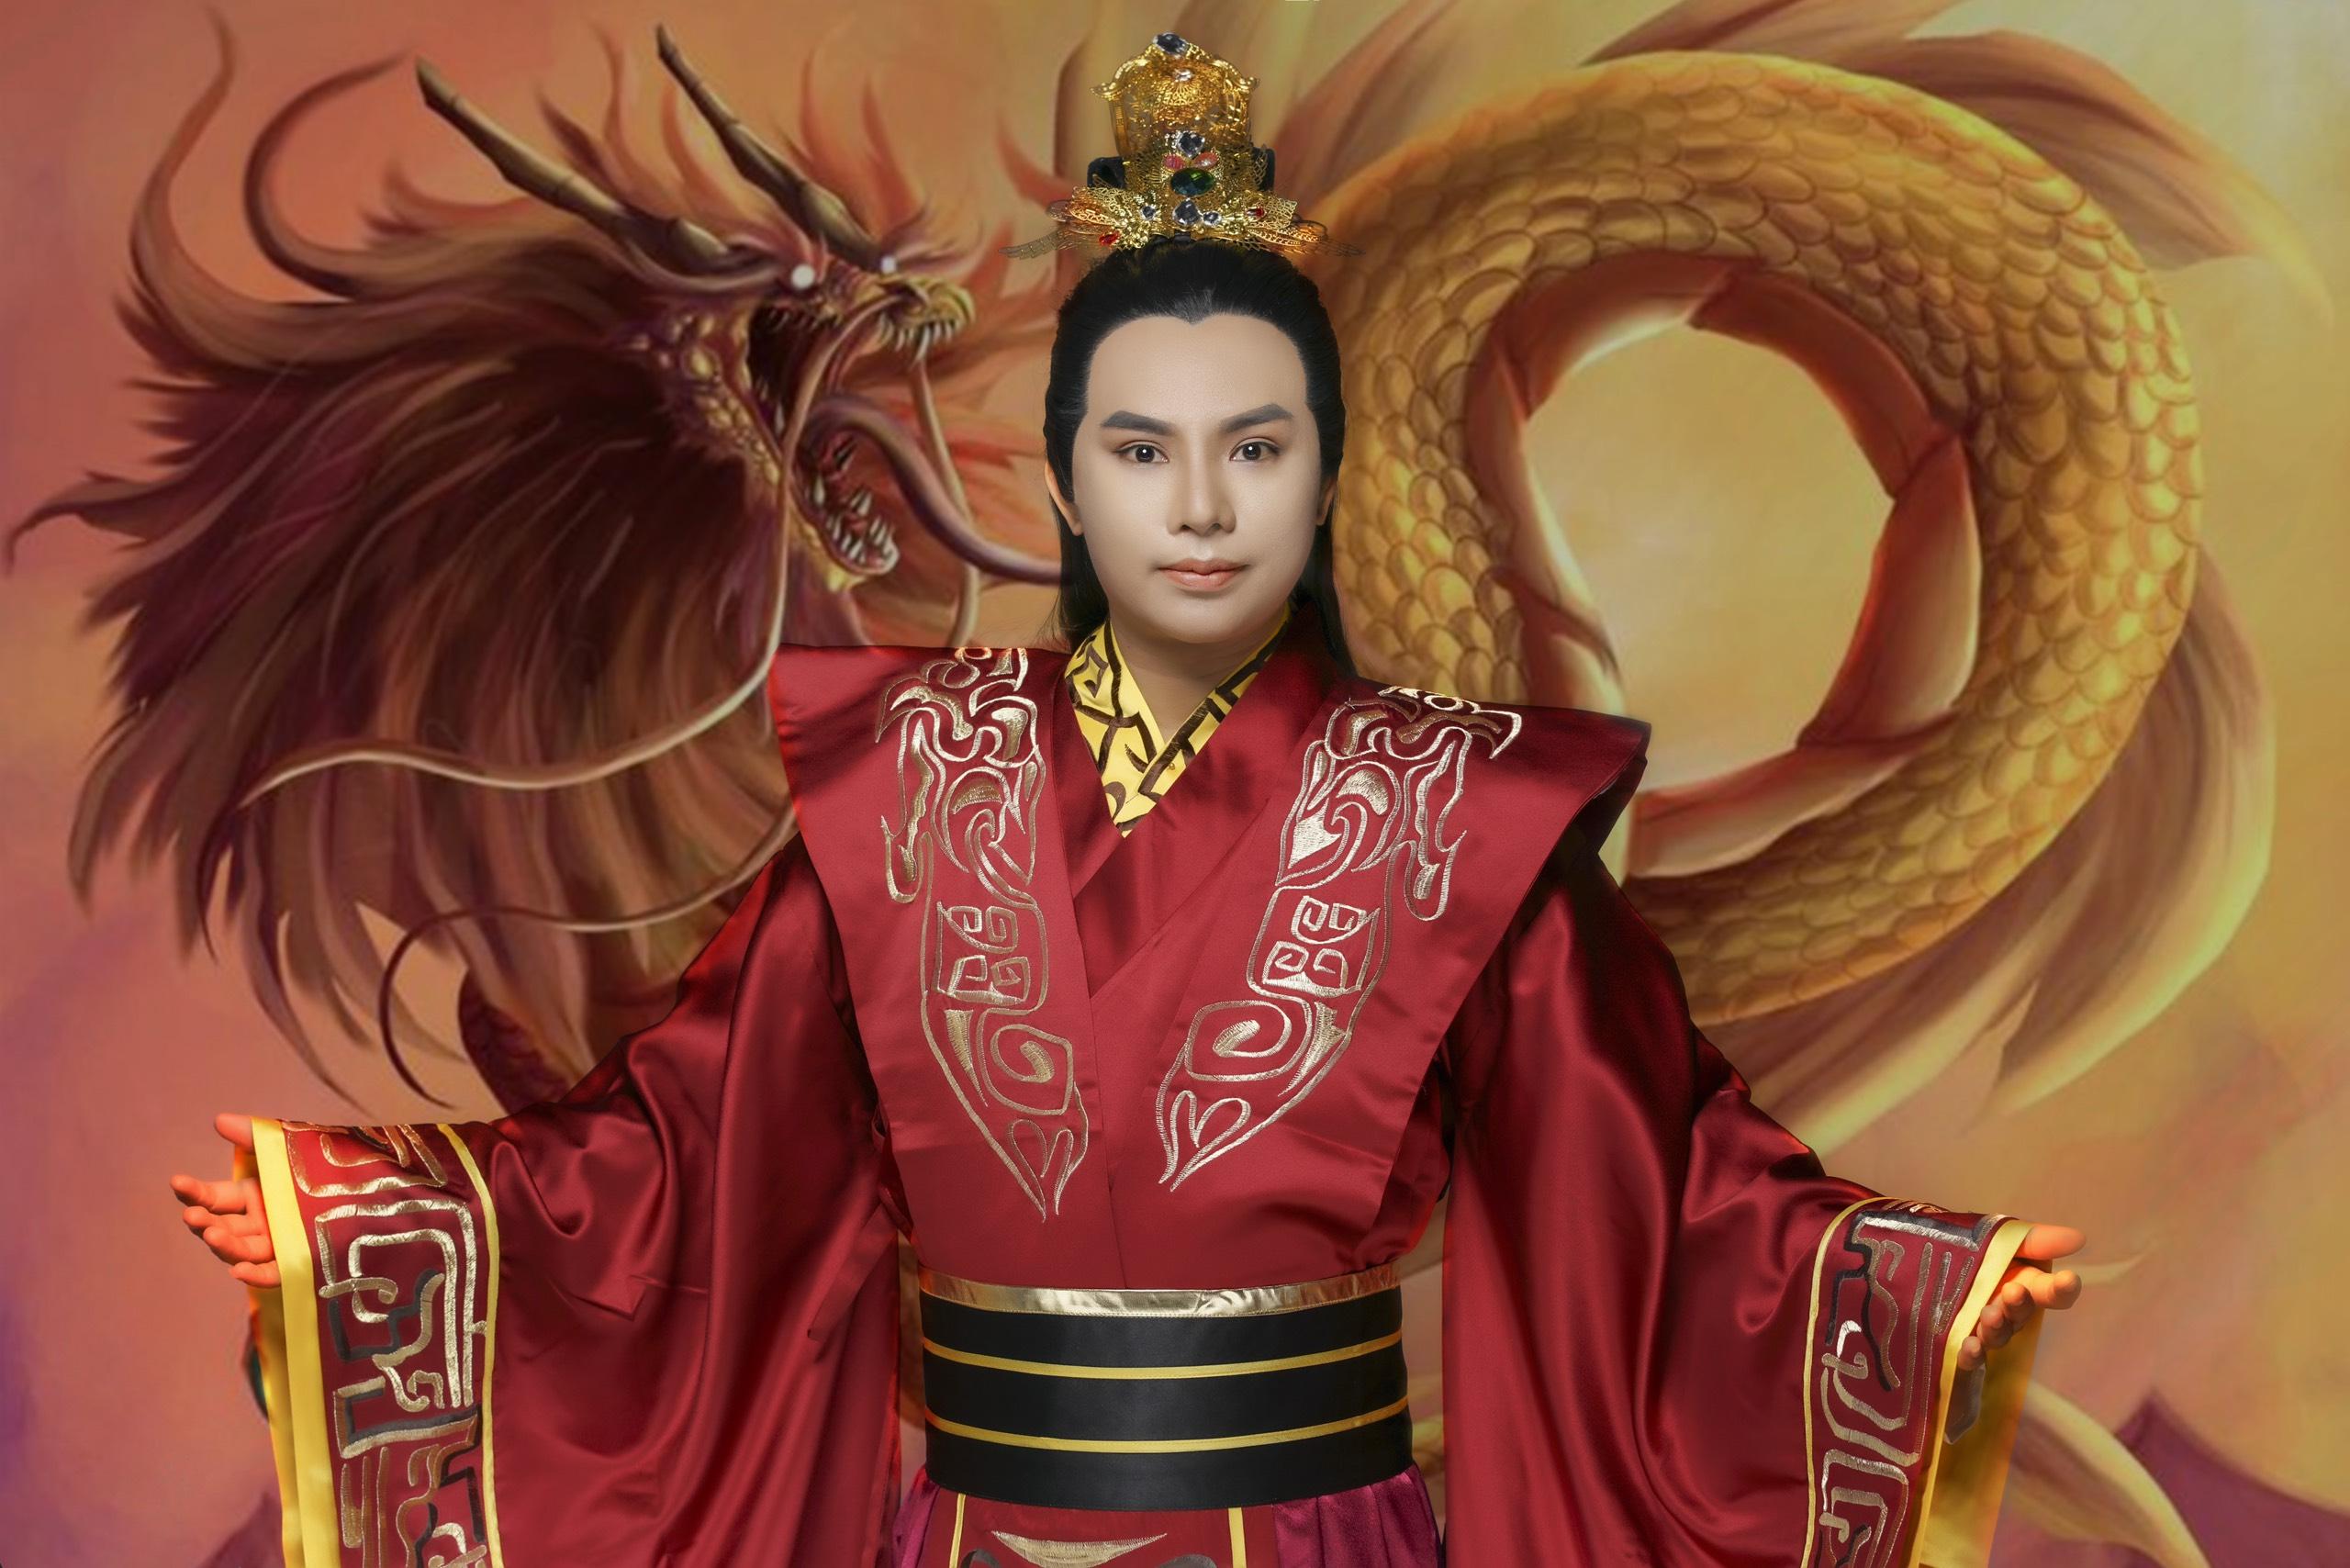 Ca sĩ Vũ Hùng hóa thân vào nhân vật cổ trang